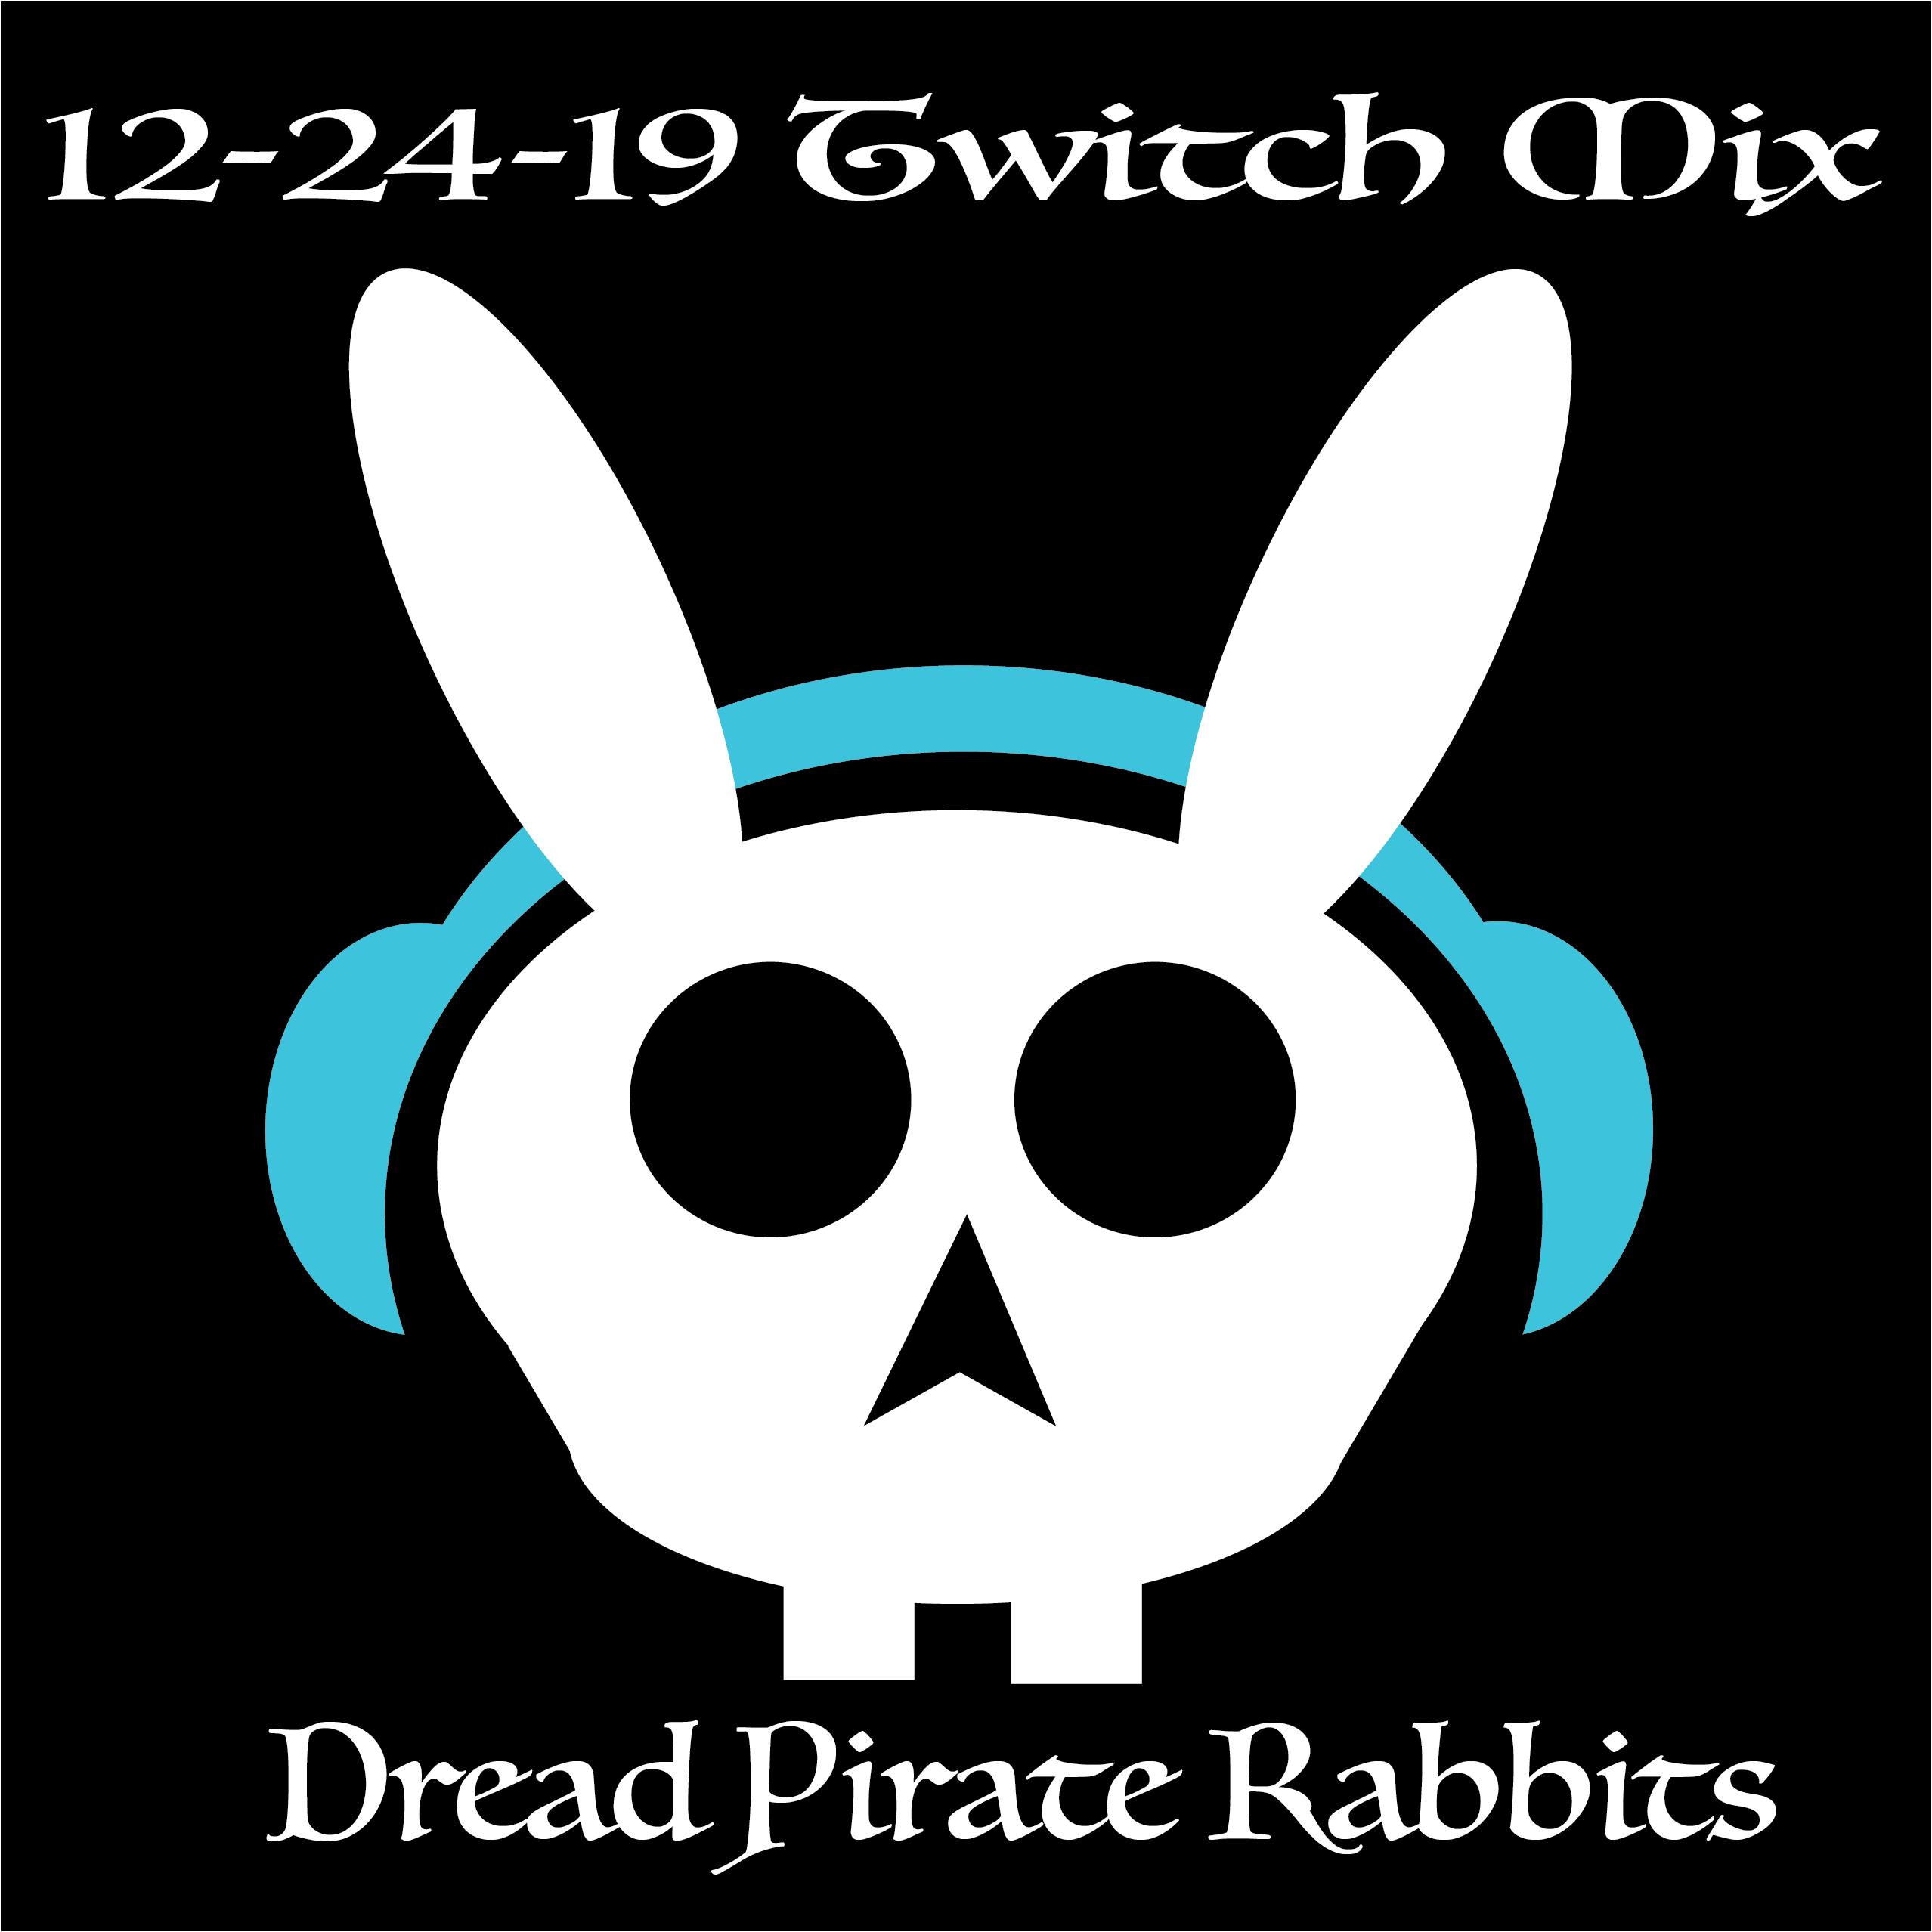 Twitch Stream 12-24-19